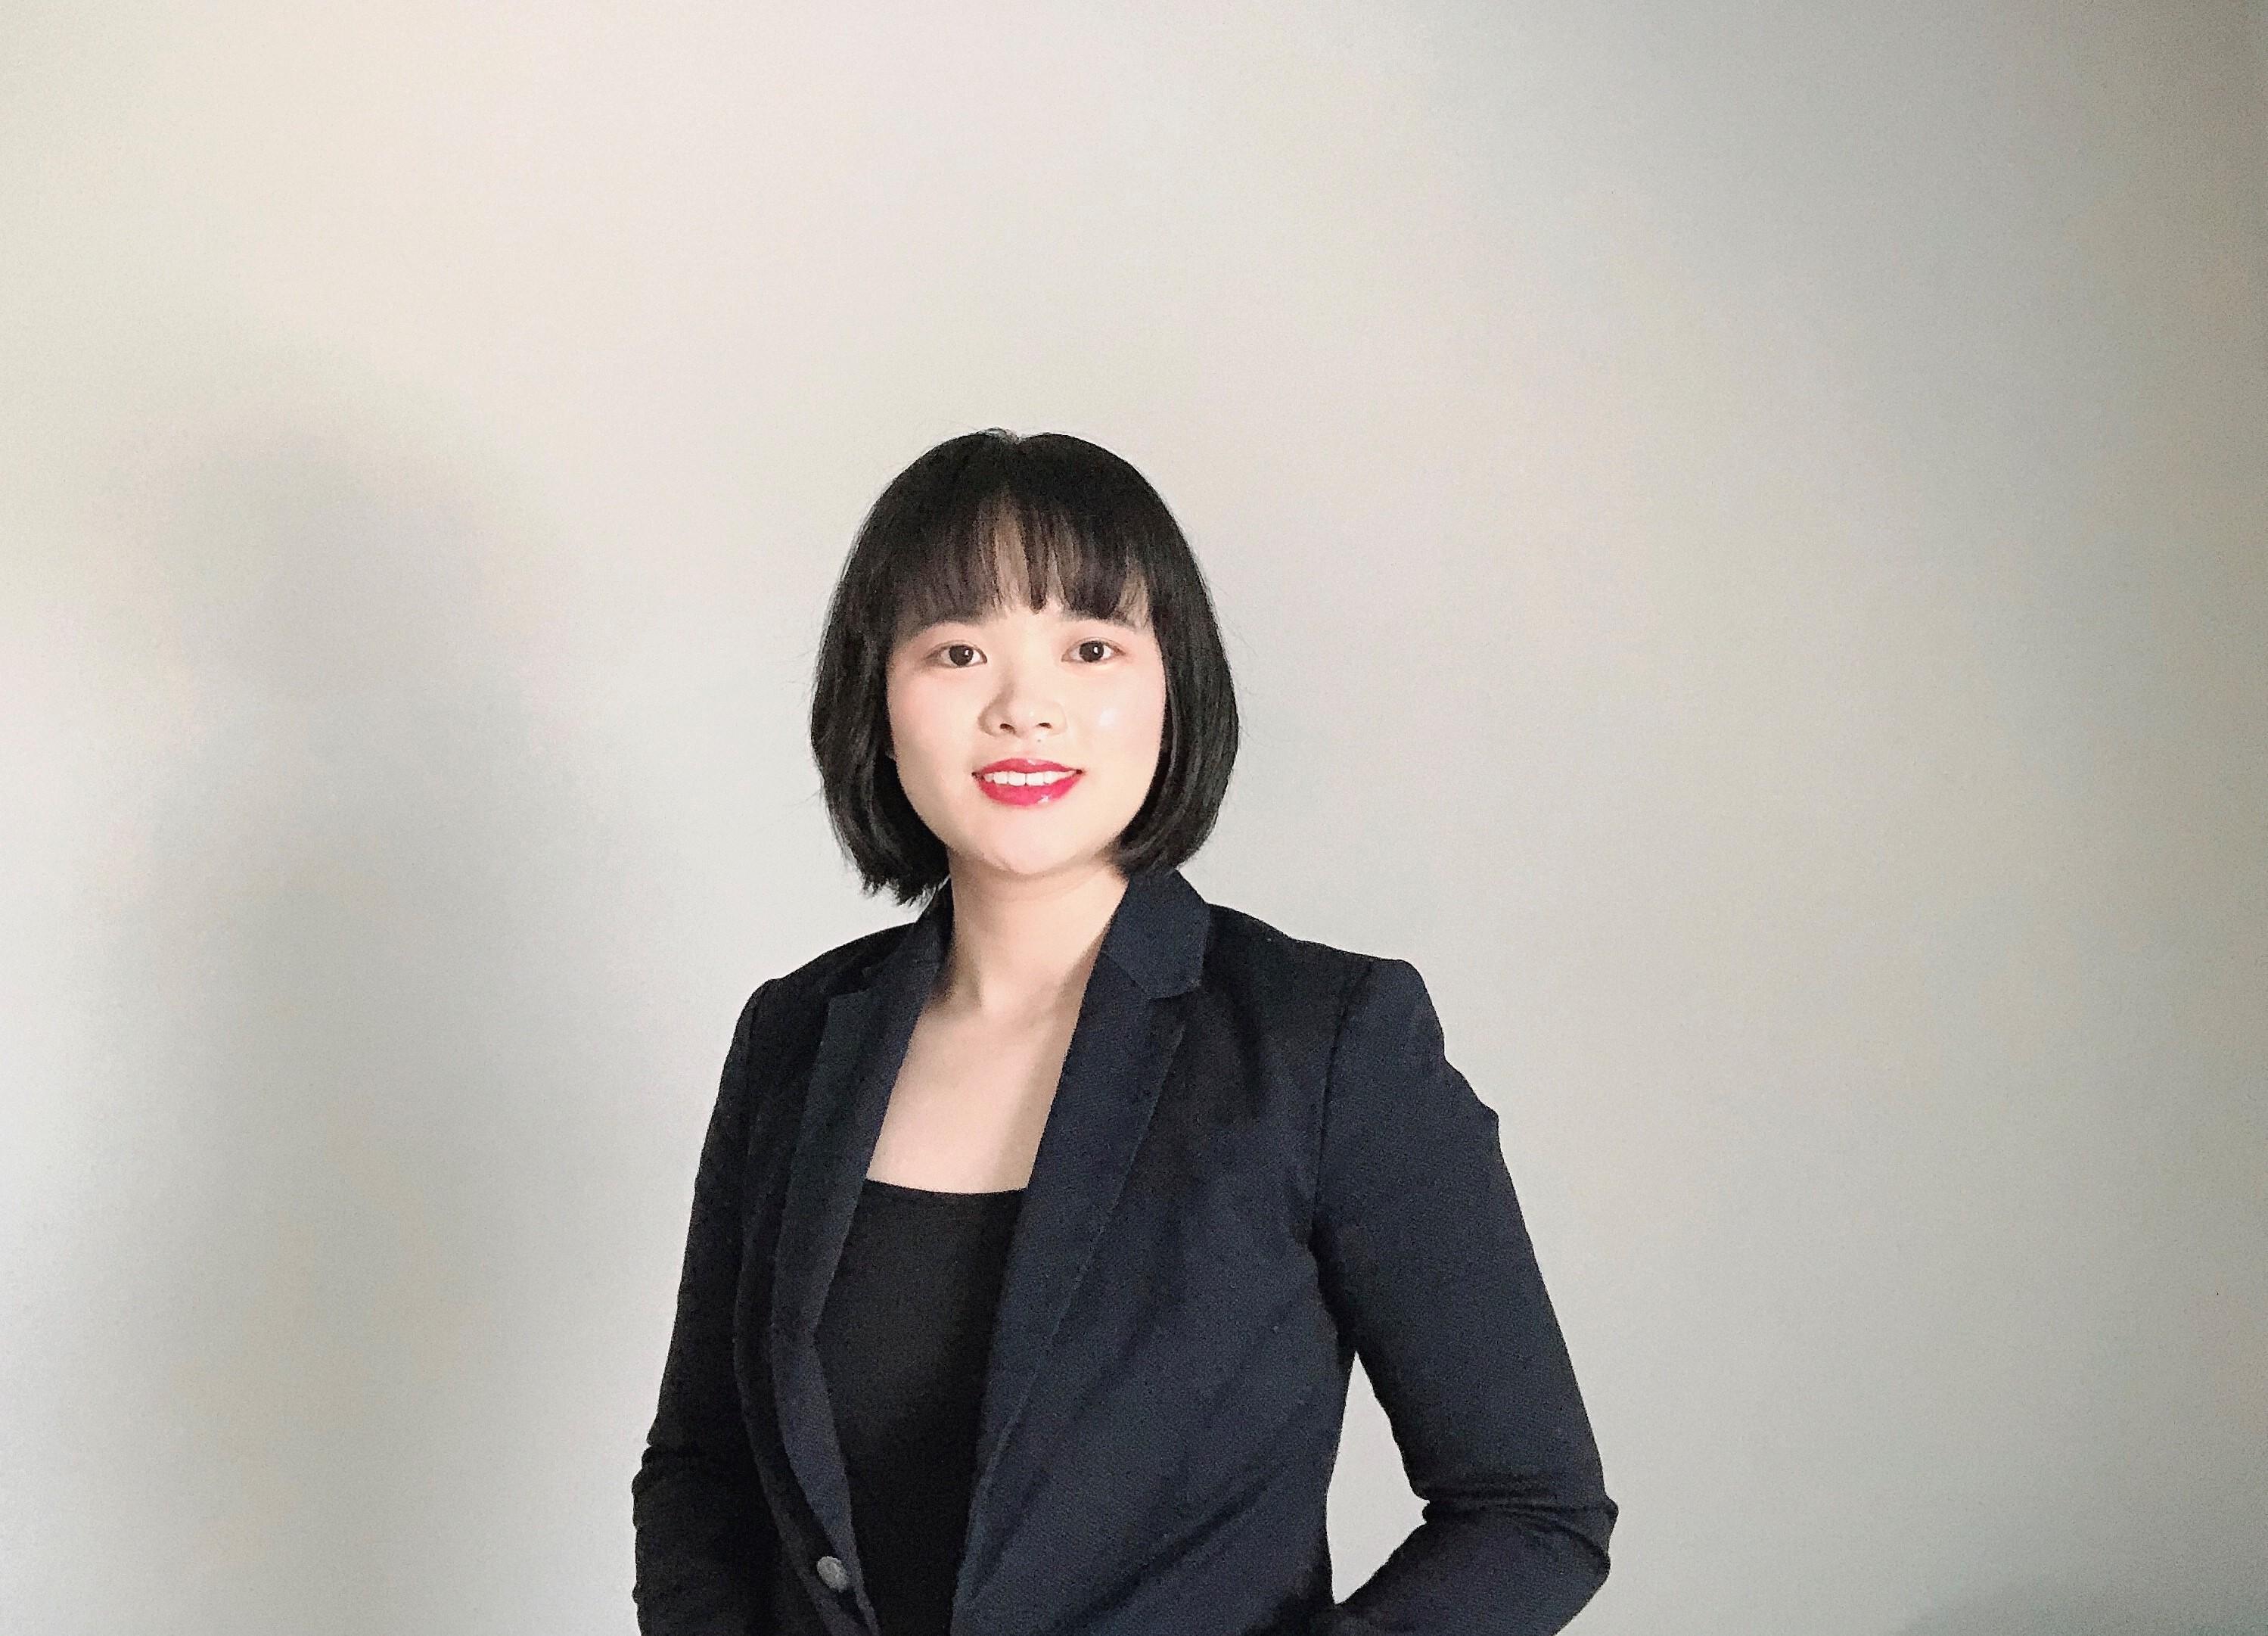 HANJIE BAO Financial Professional & Insurance Agent